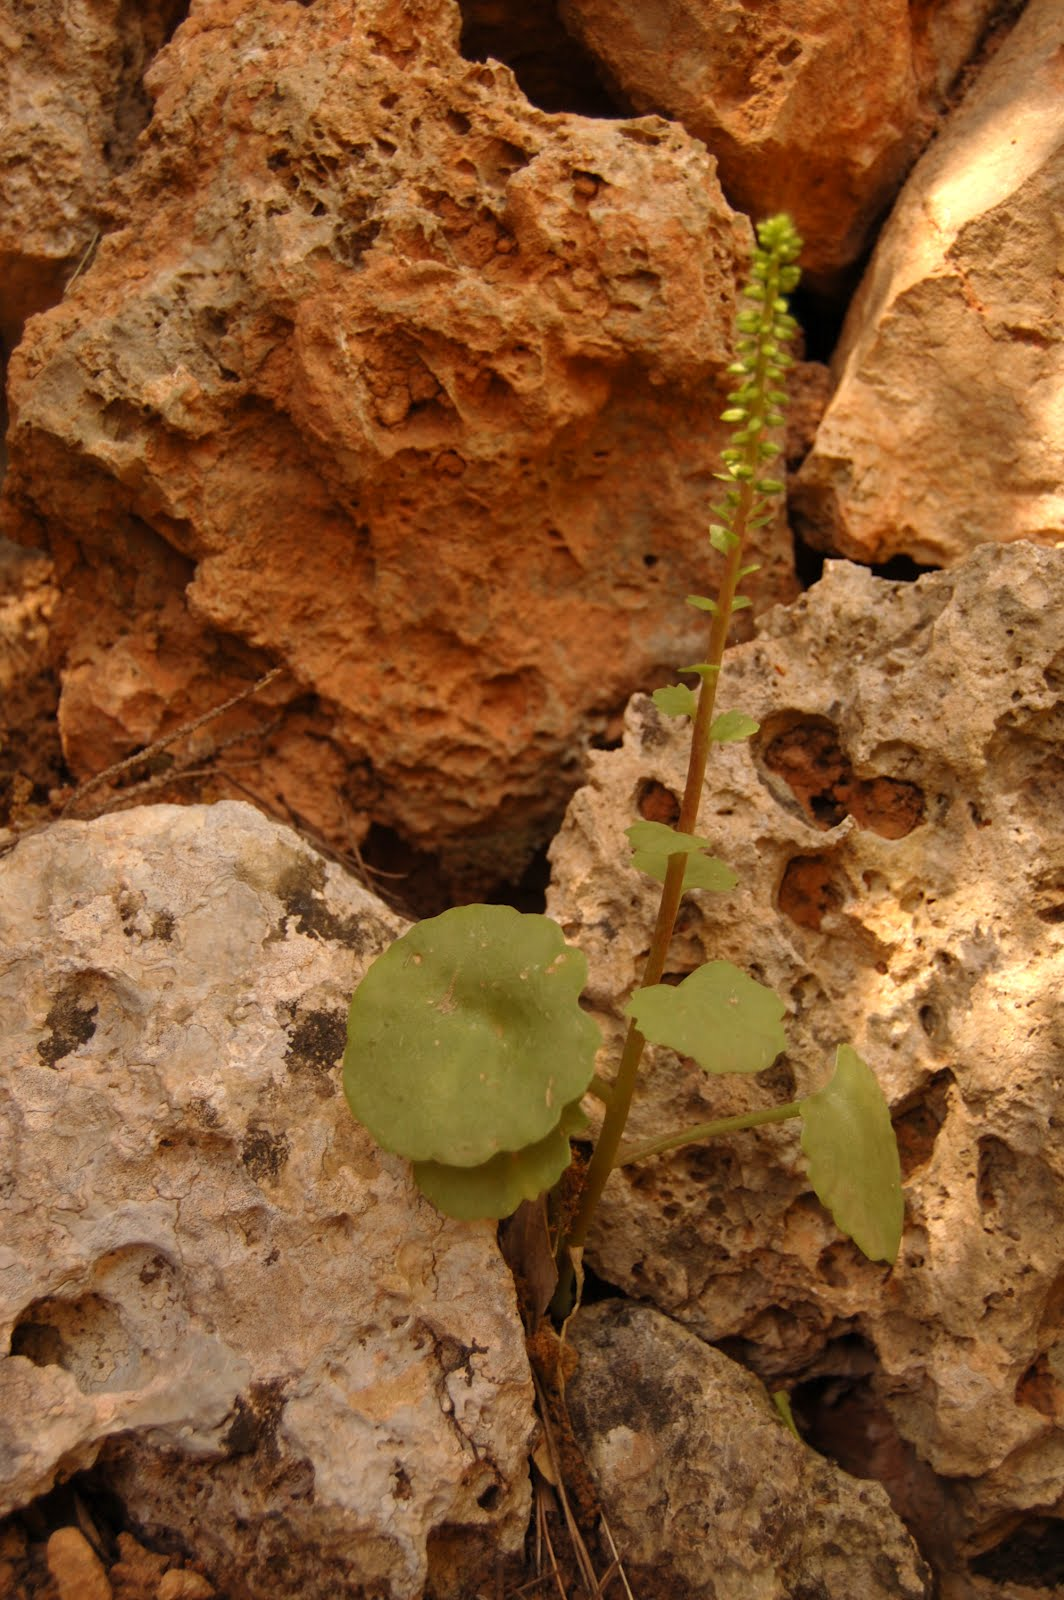 Umbilicus gaditanus